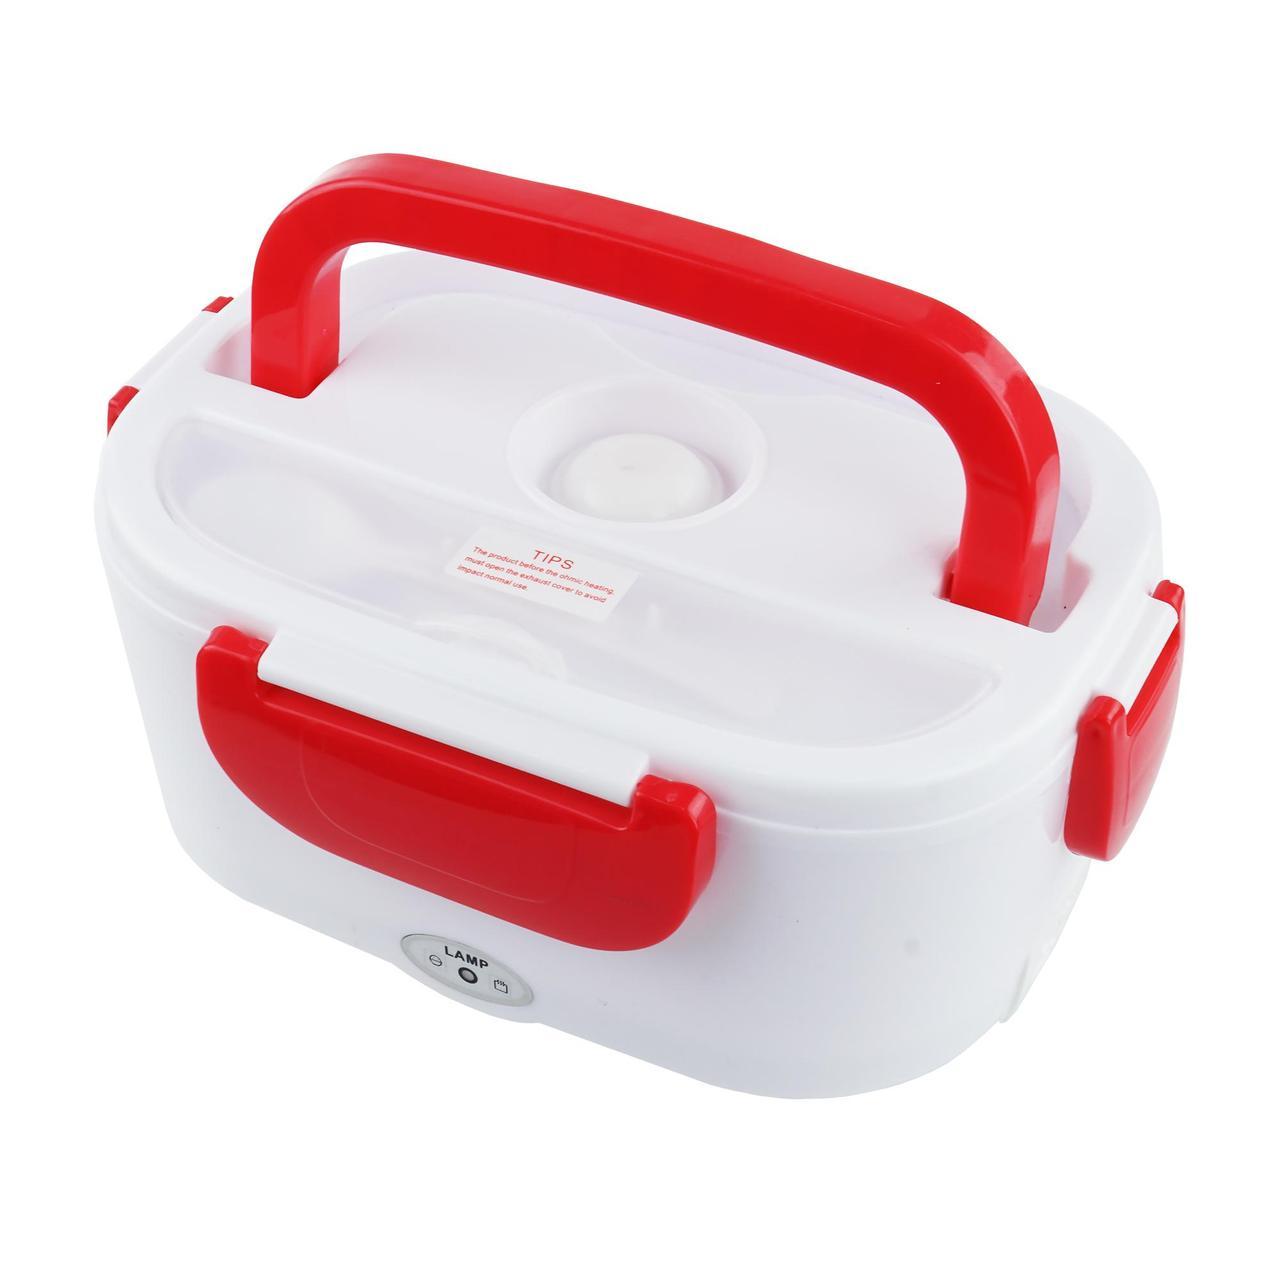 Ланч-бокс с подогревом от сети 220 Вт. The electric lunch box